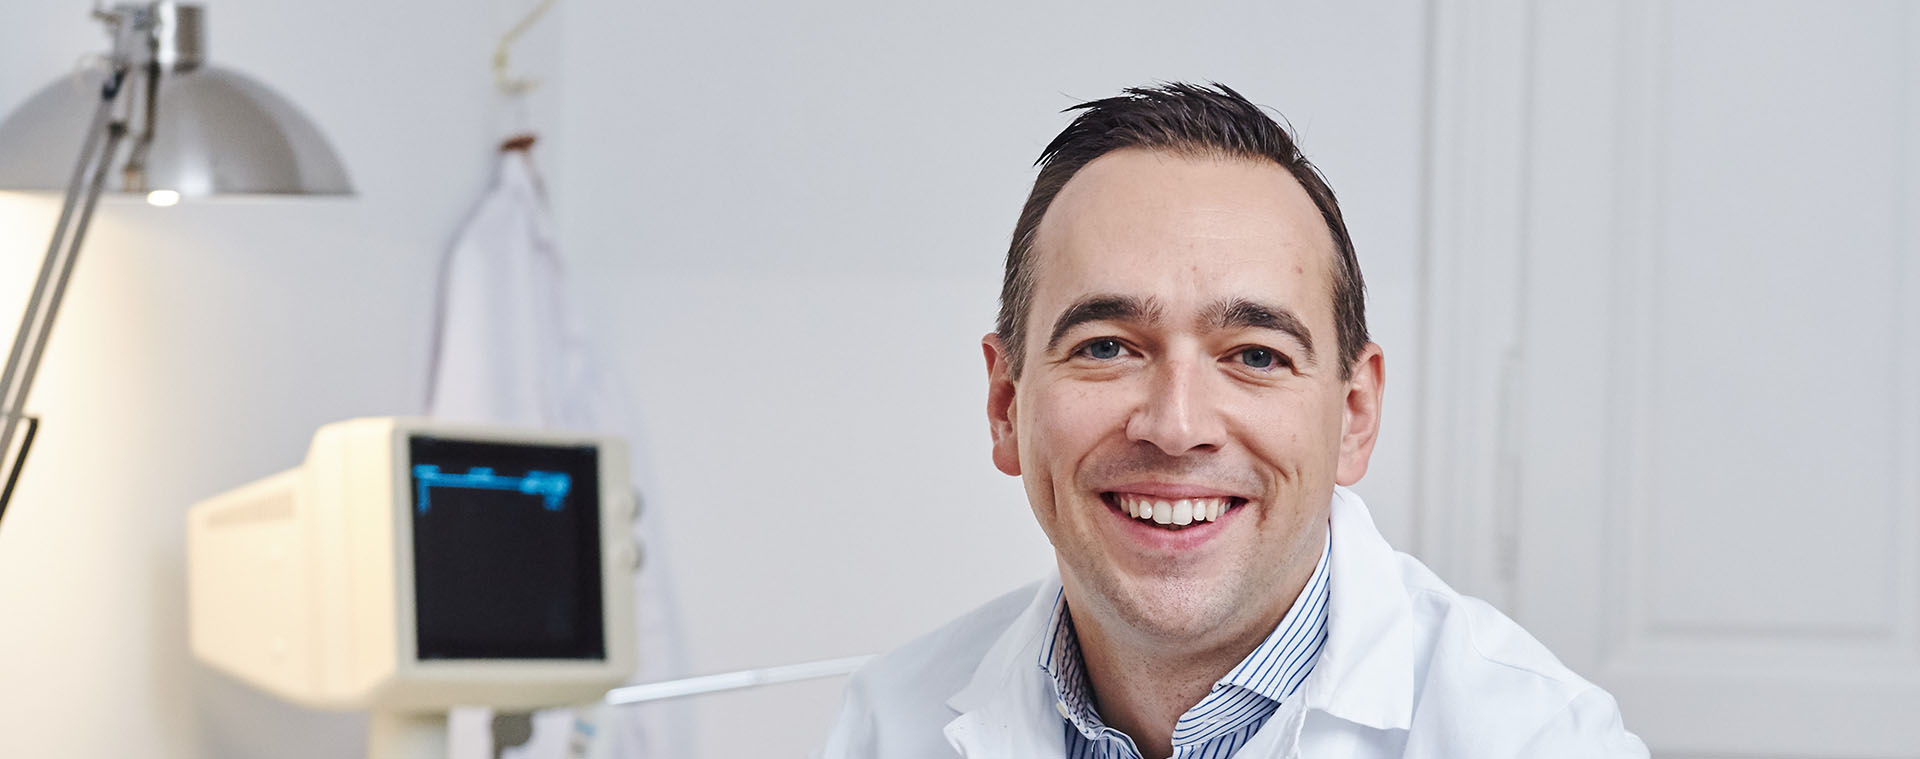 Dr Markus Riedl - Urologe in Wien